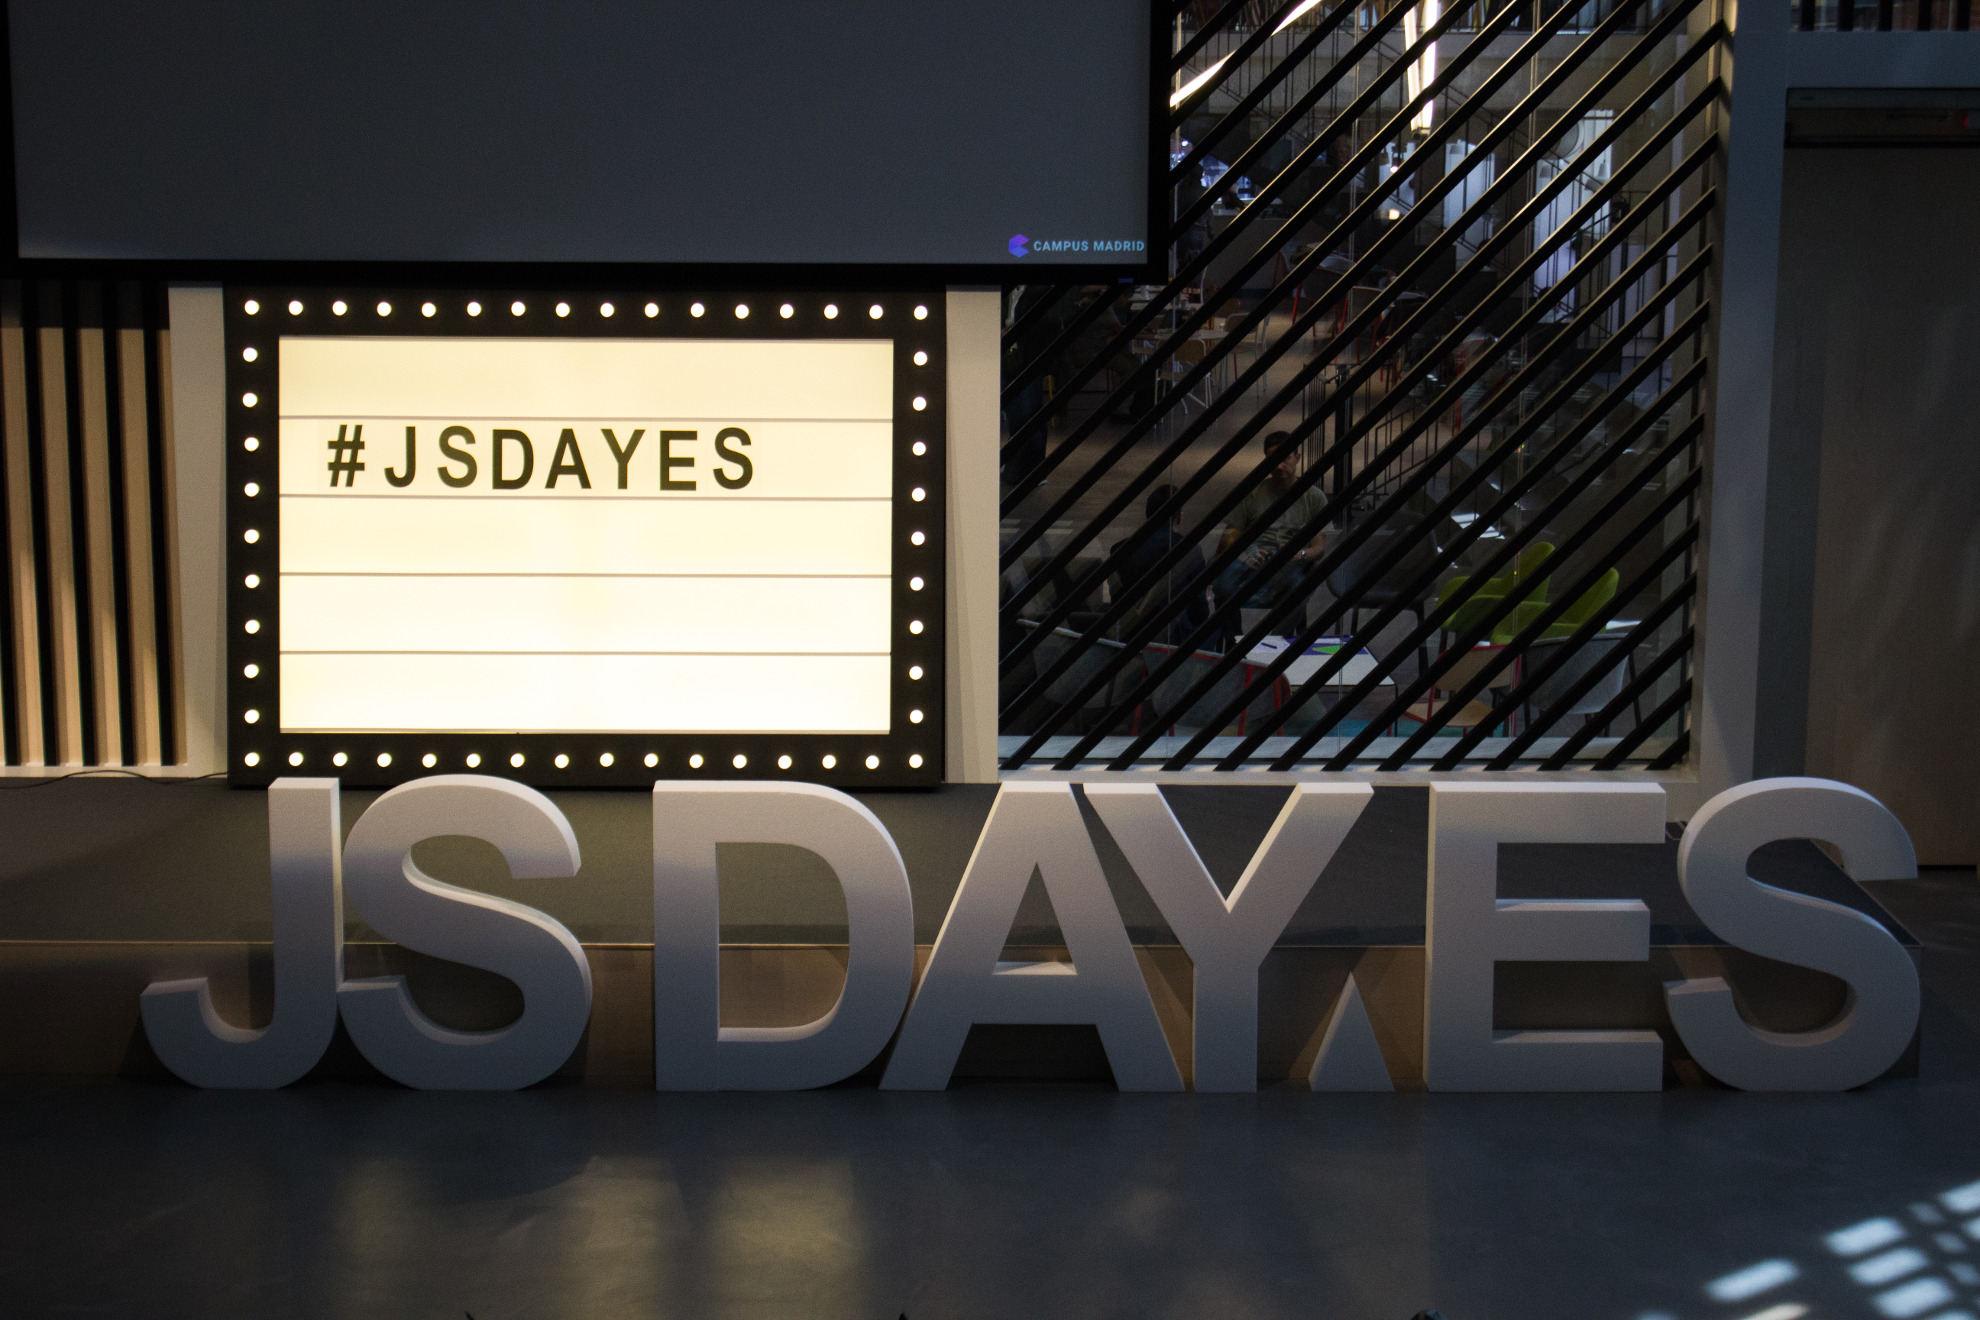 JSDayES